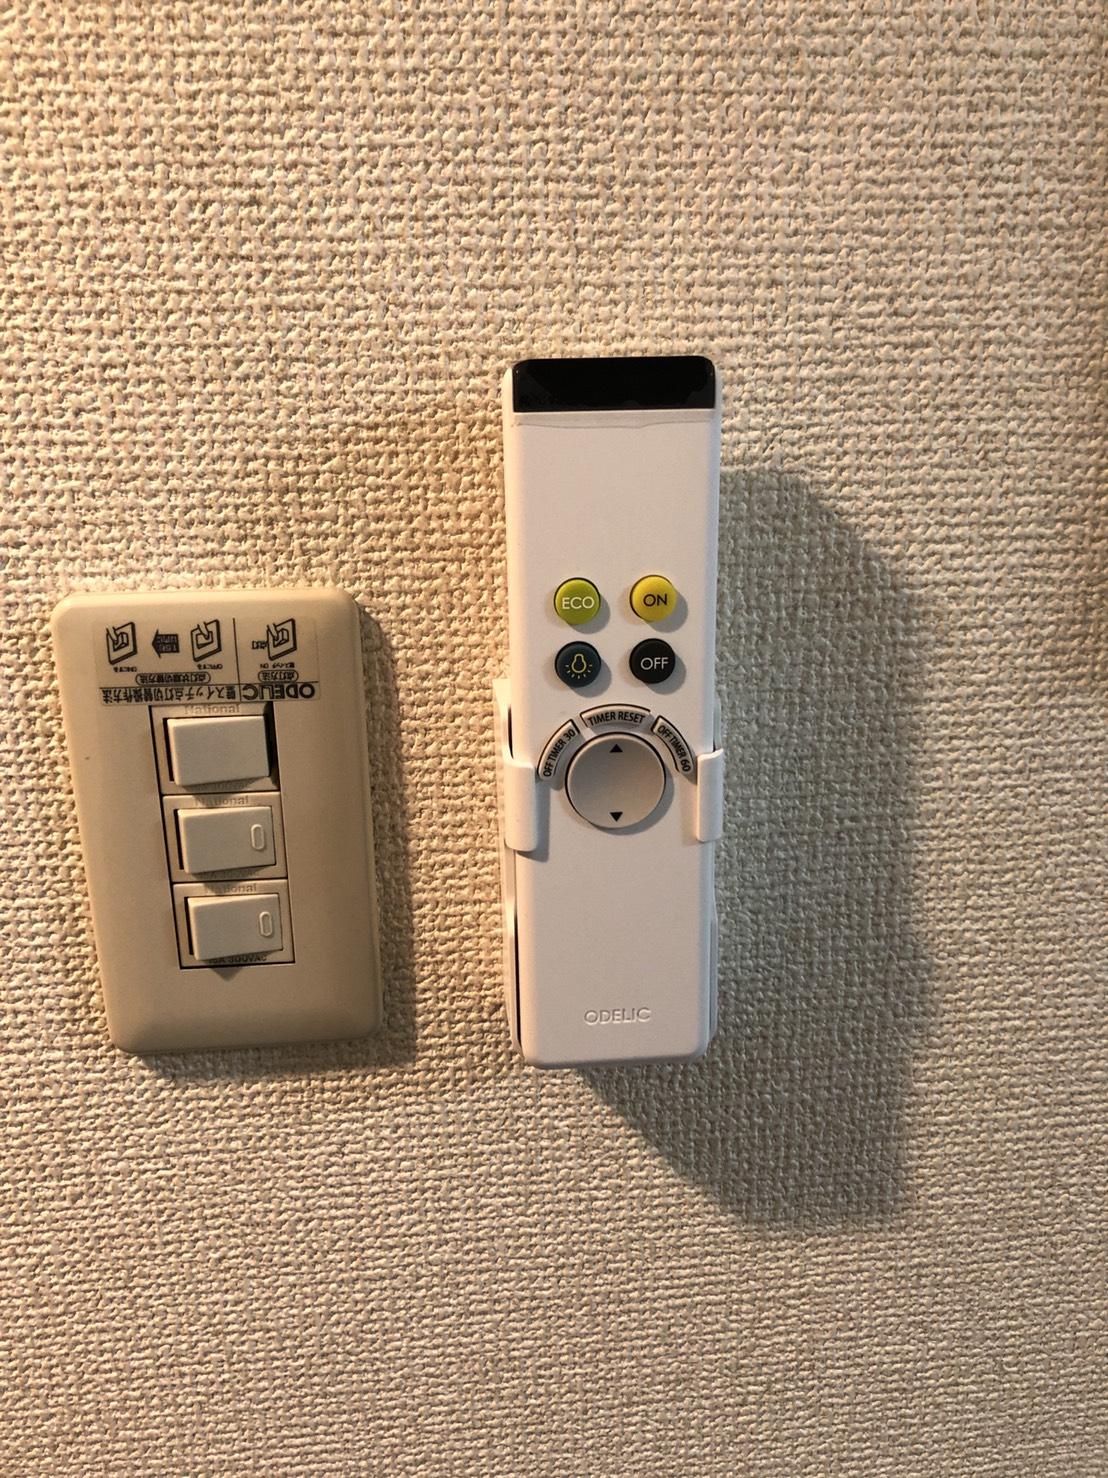 調光できる照明 - 格安 レンタルオフィス 均一料金!の室内の写真